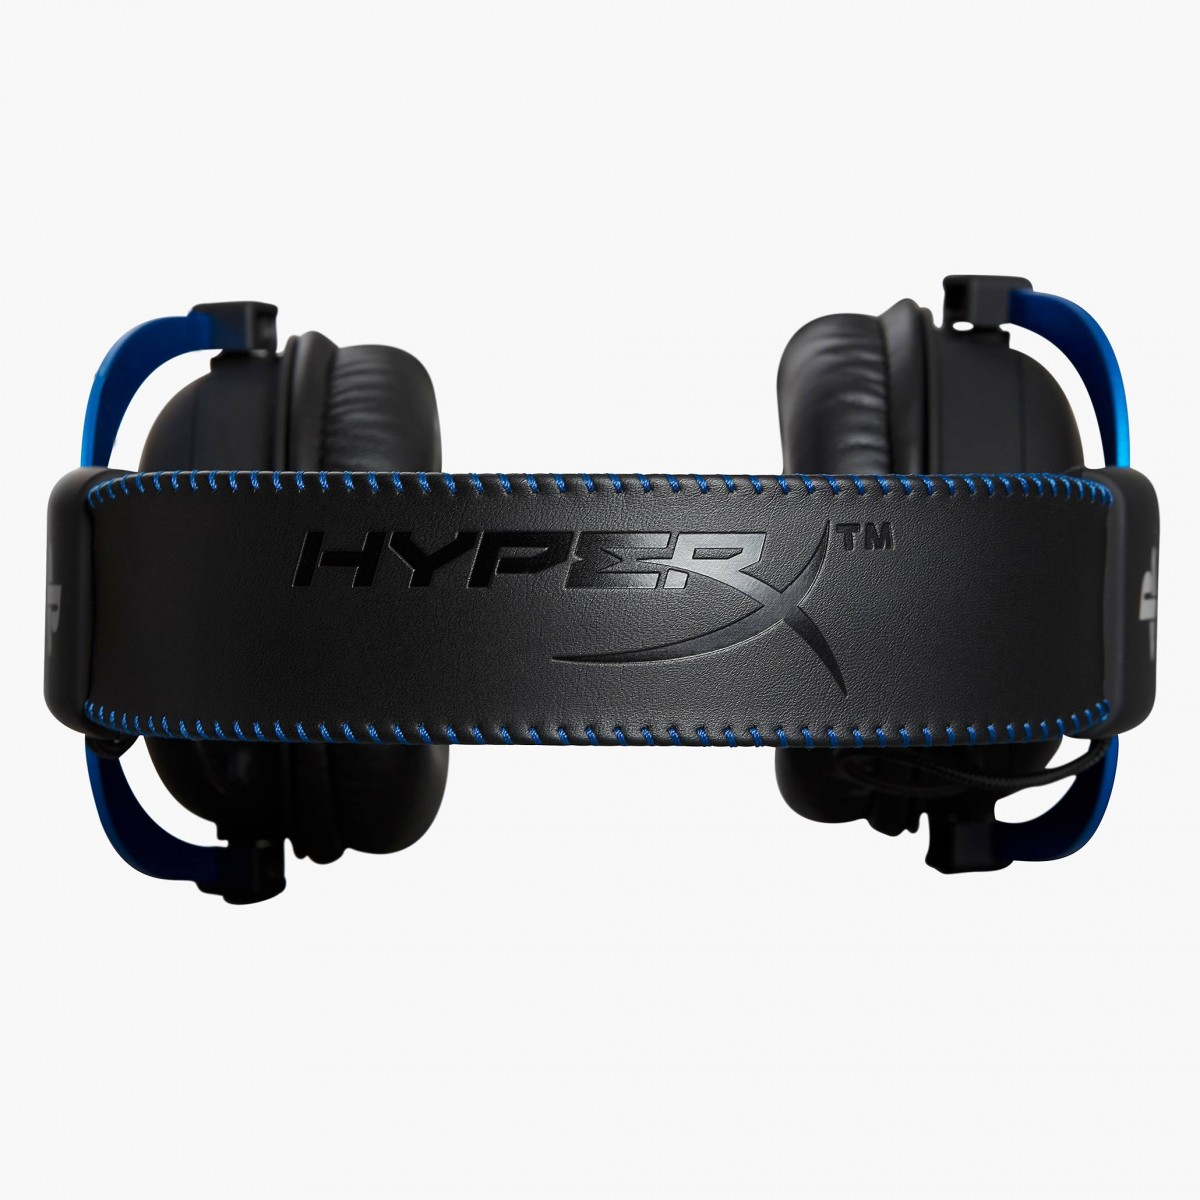 Headset Gamer HyperX Cloud Blue, PS4, 3.5mm, Black/Blue, HX-HSCLS-BL/AM